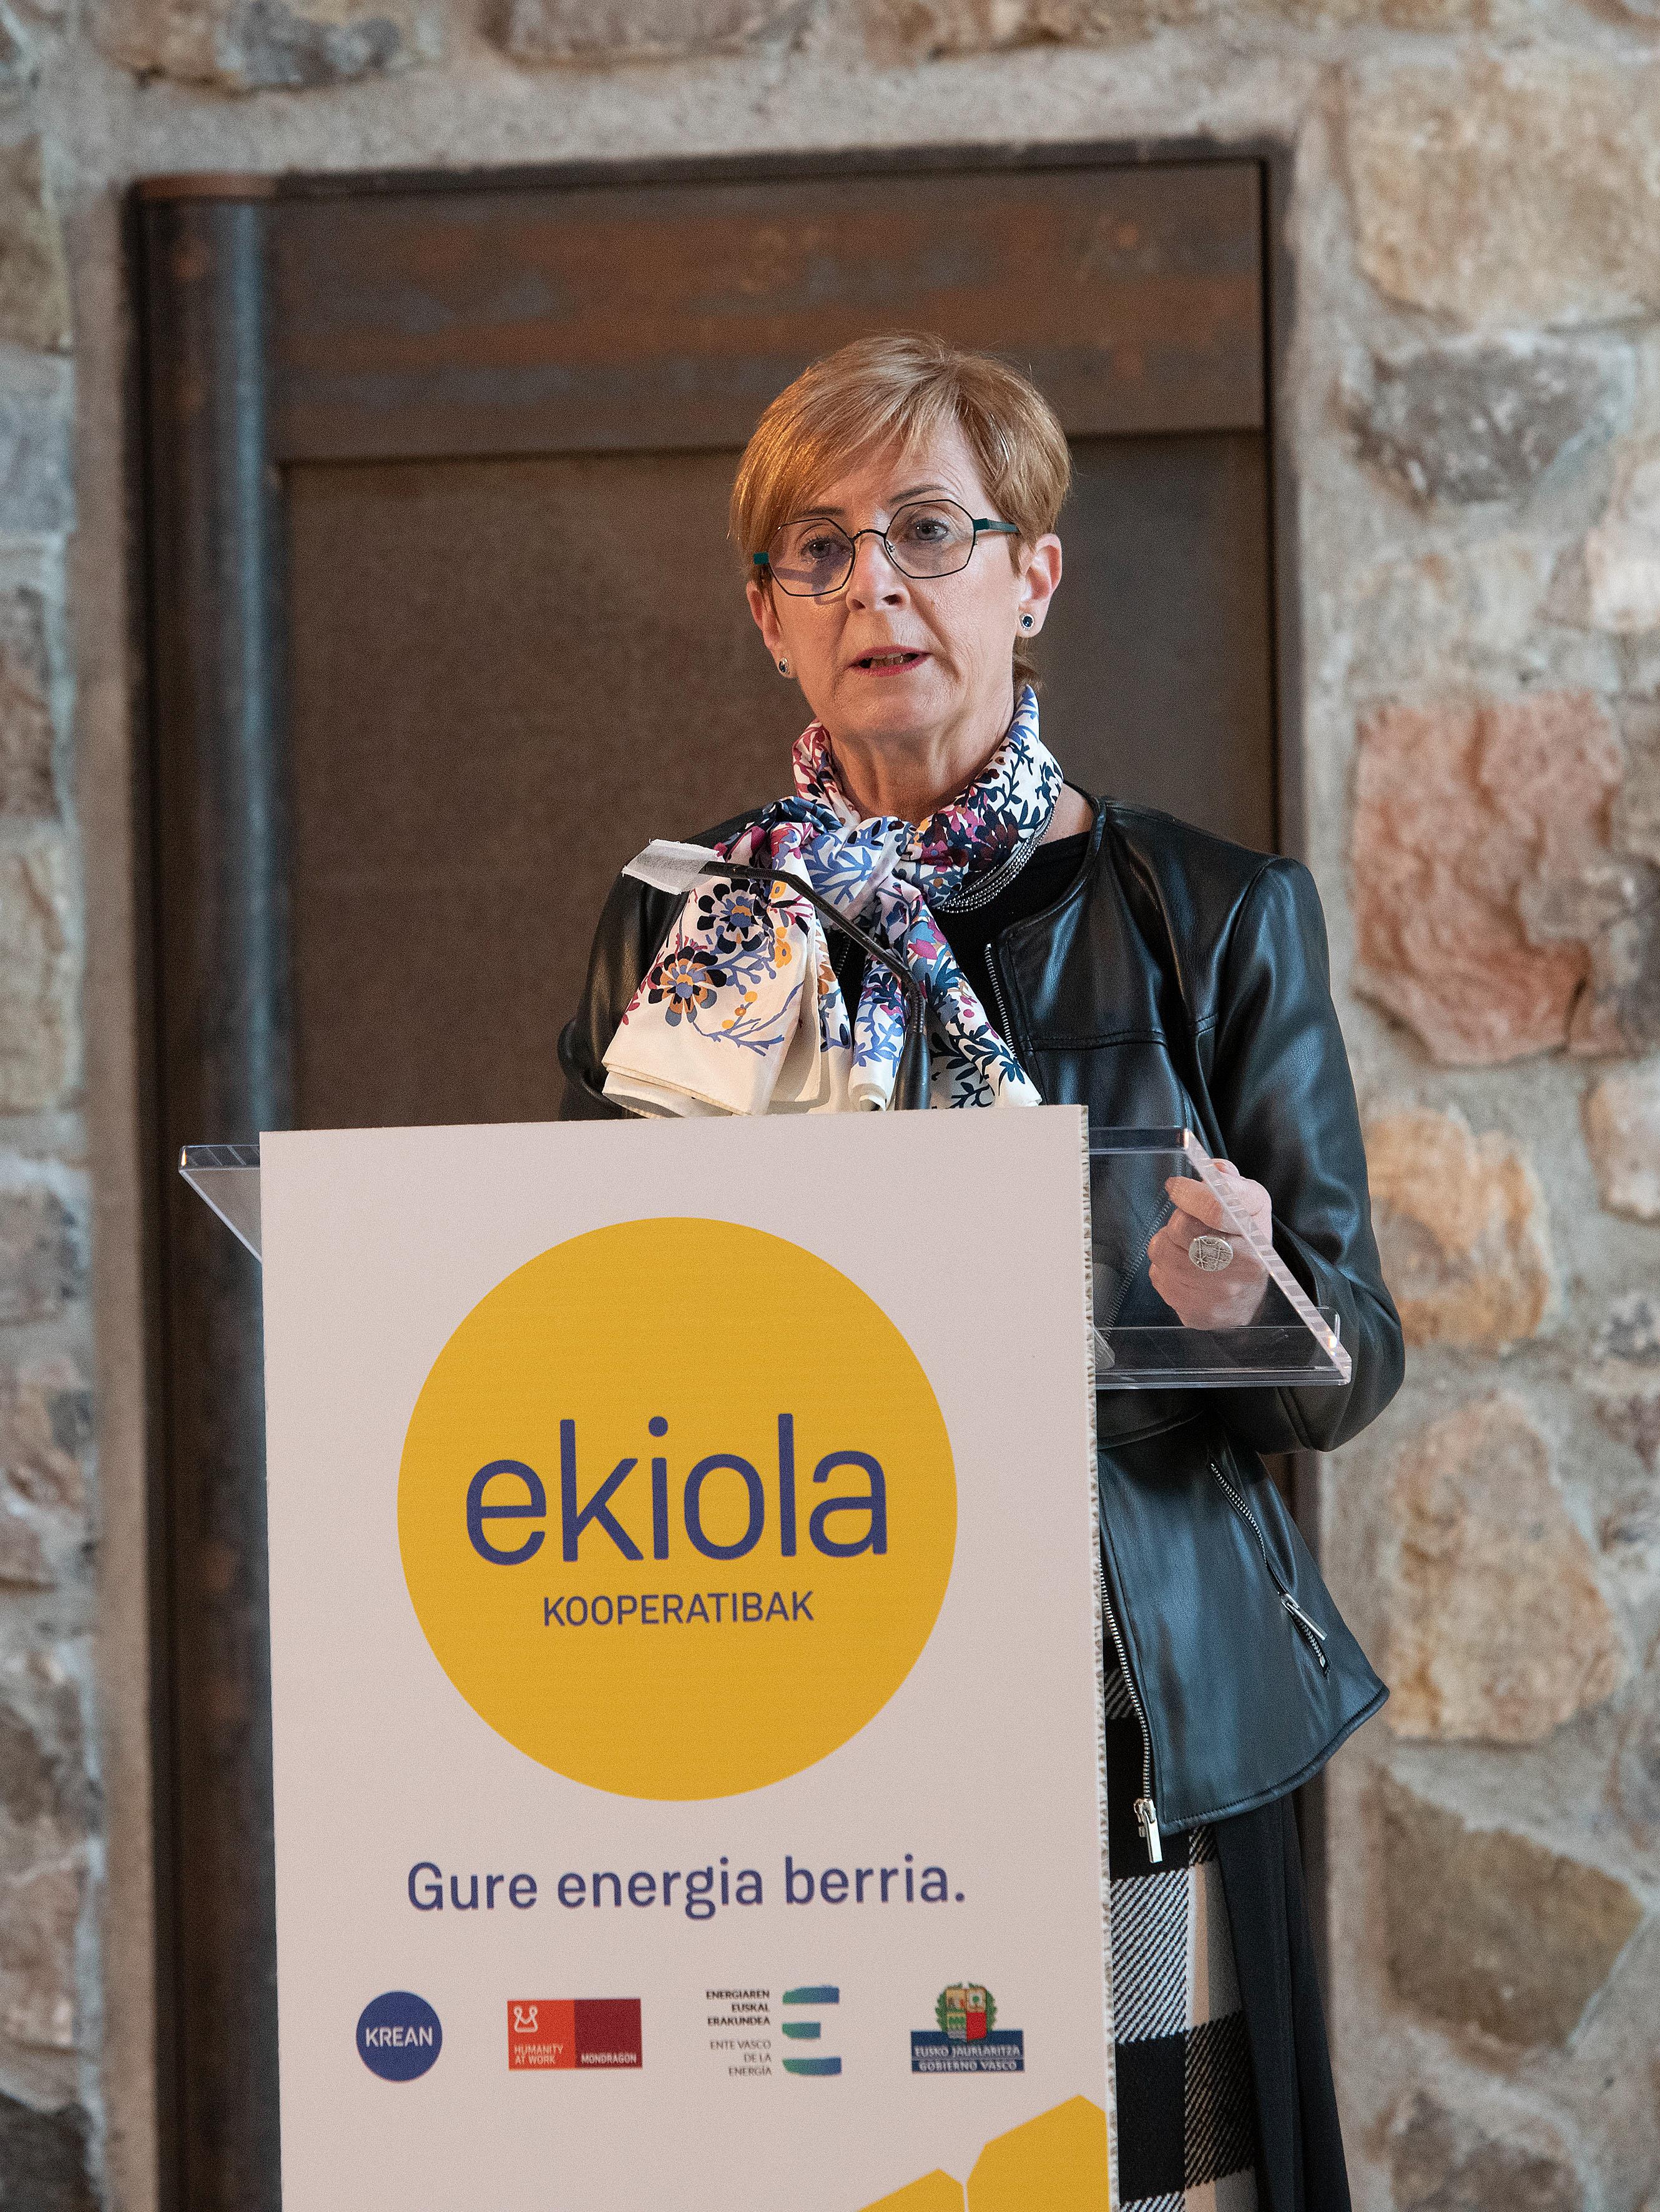 Ekiola_2.jpg